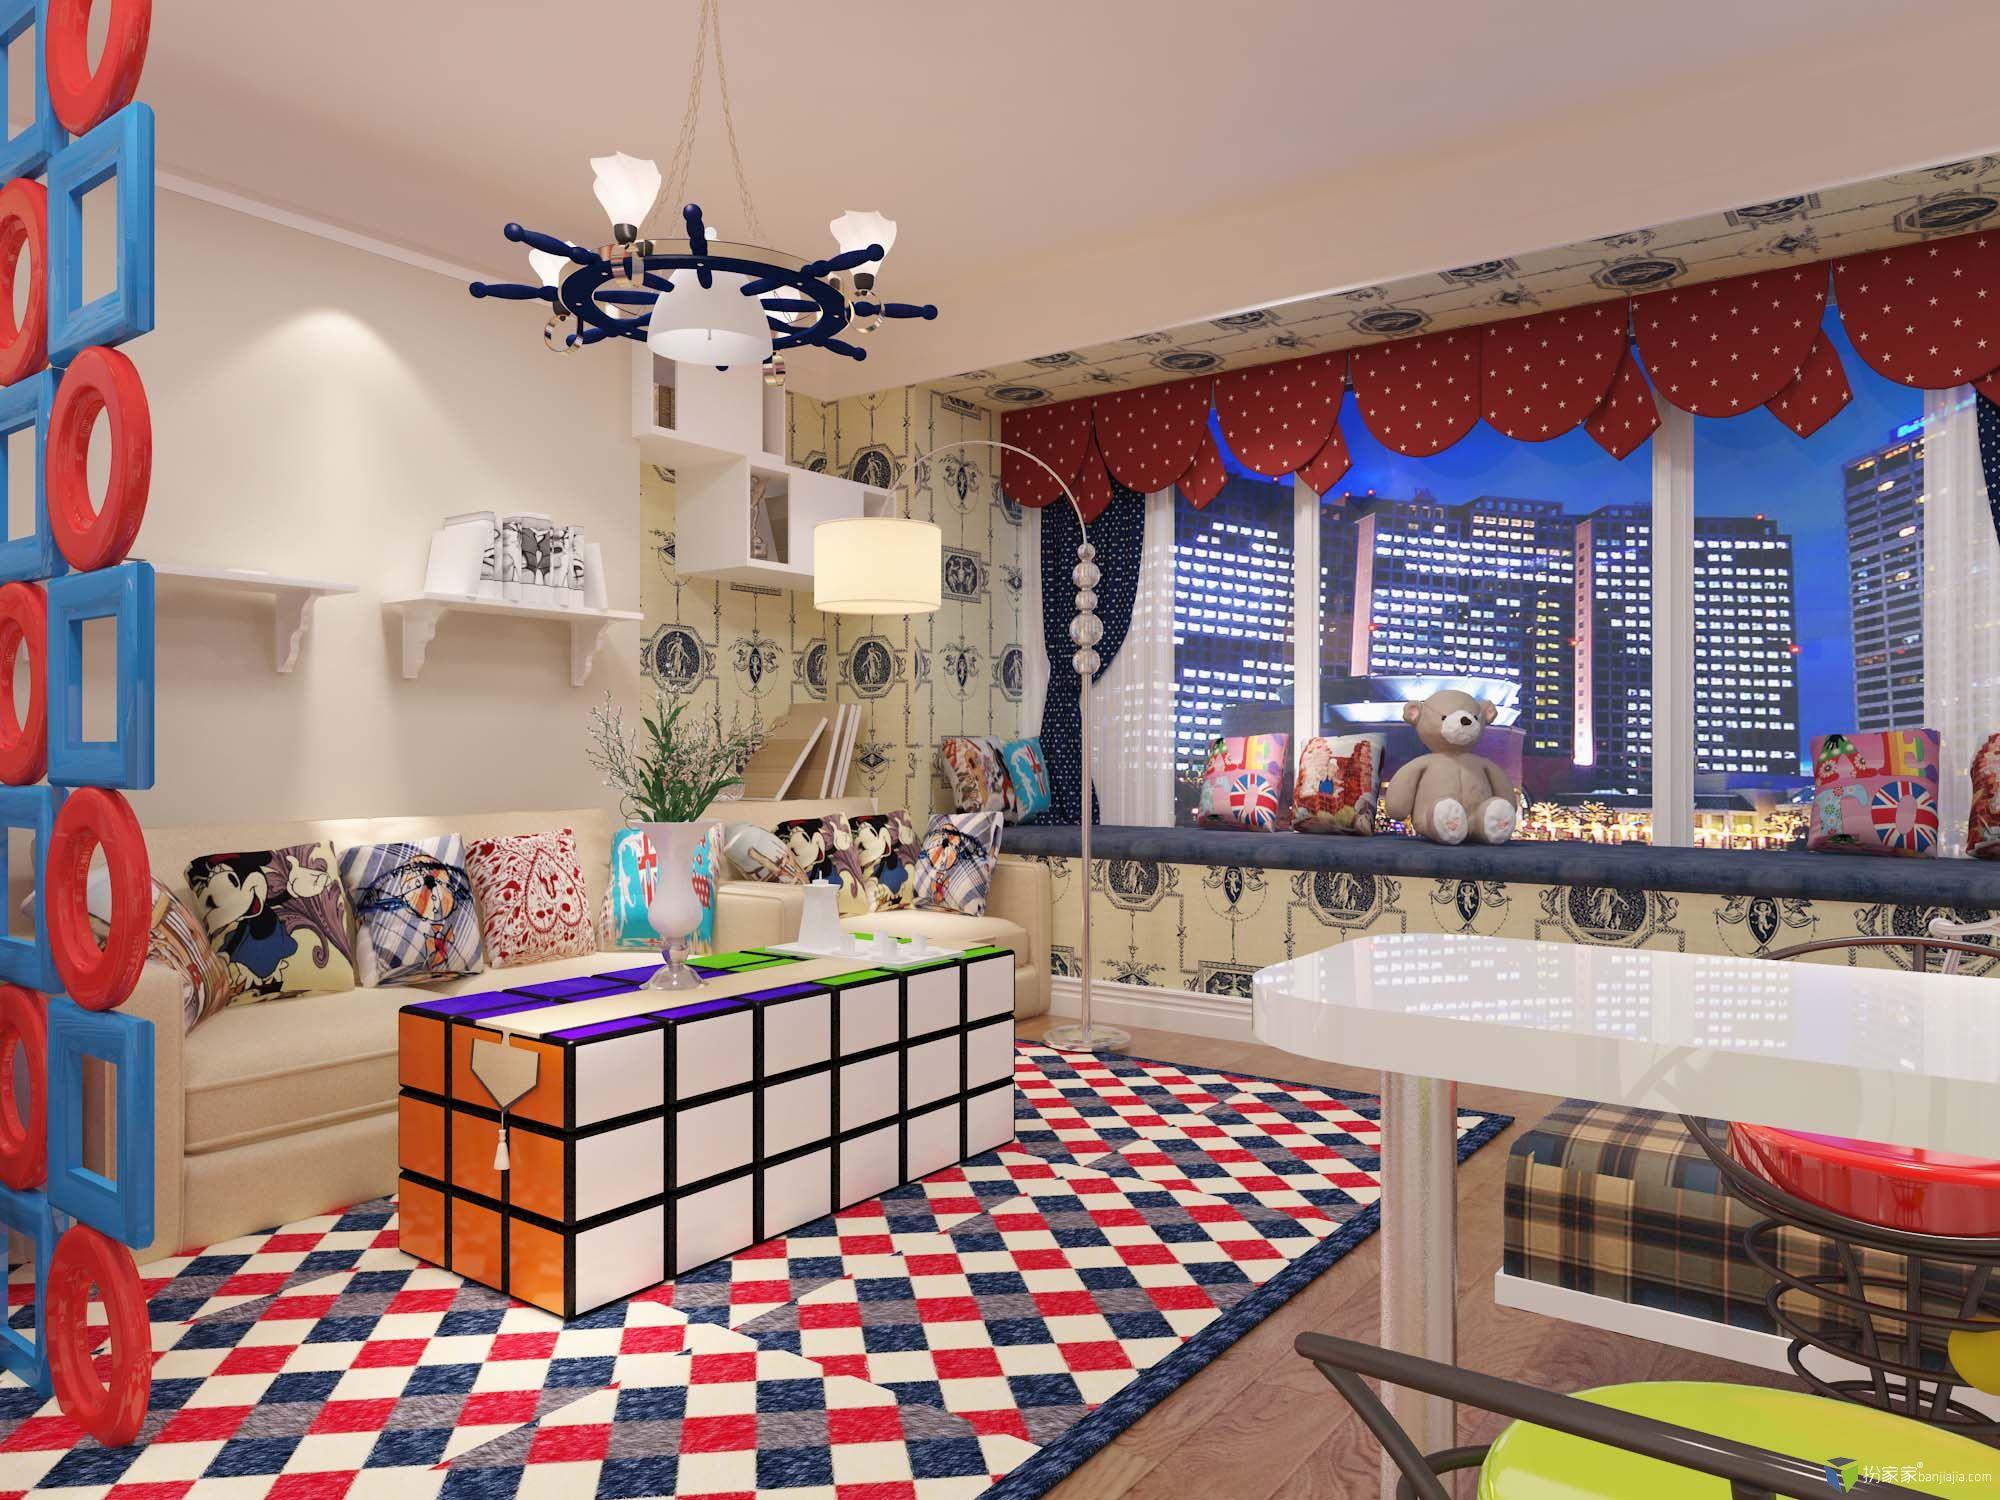 毕业设计-室内设计师平台 -室内设计论坛-扮家家室内